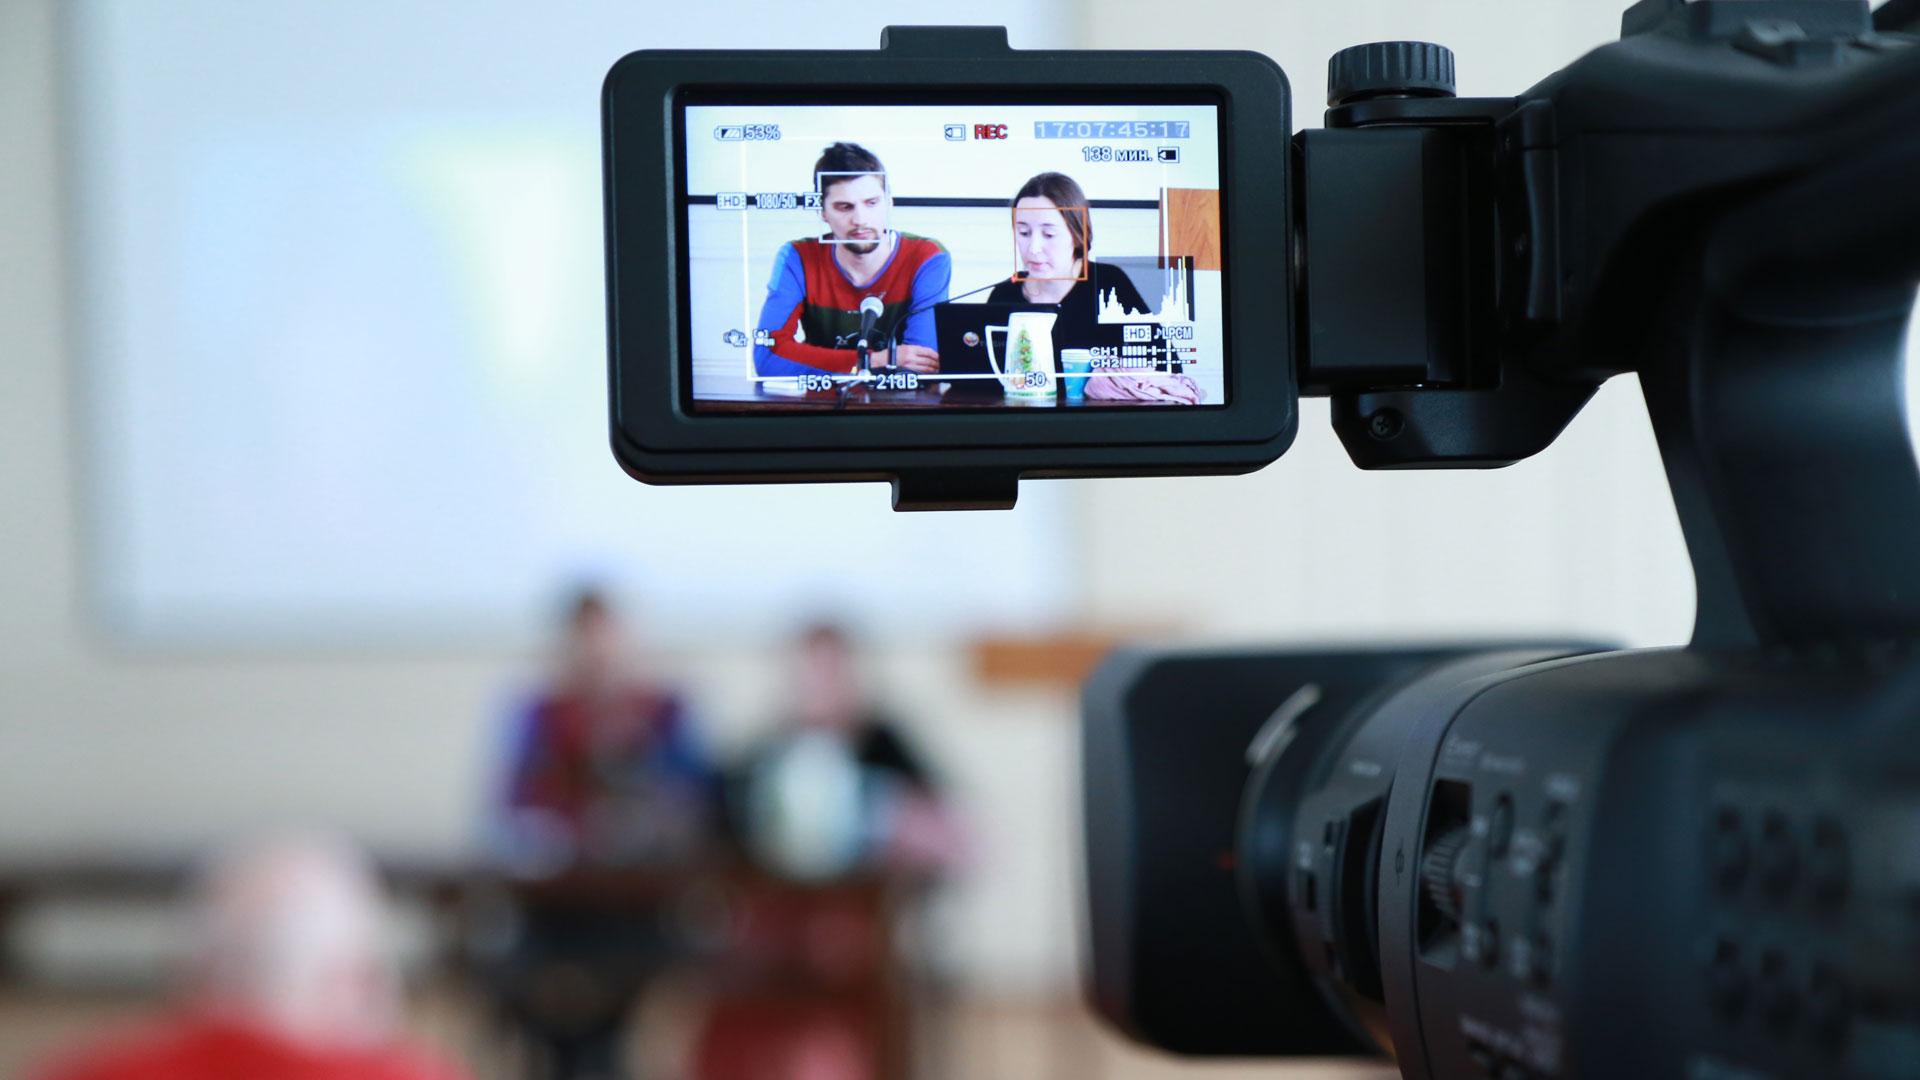 странах христианской видео онлайн частная съемка будешь заказывать